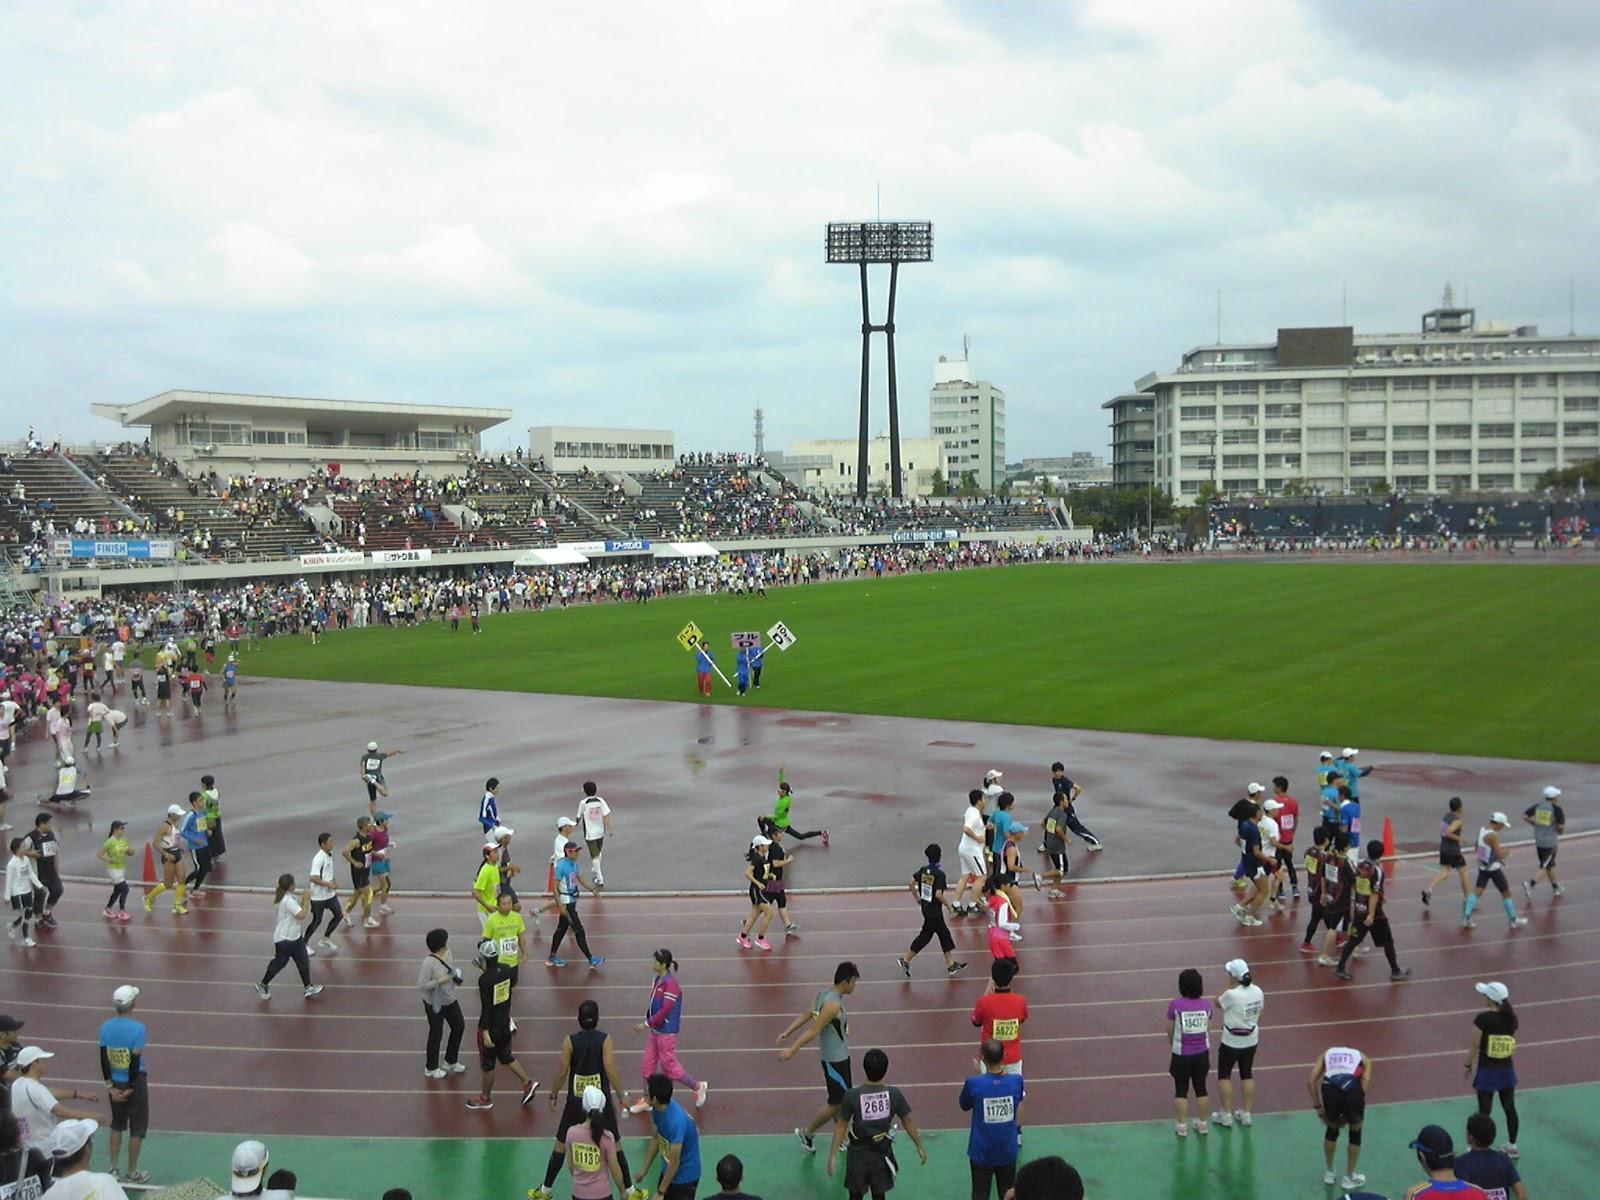 ビッグスワンの歩み スポーツ公園概要 新潟県ス …